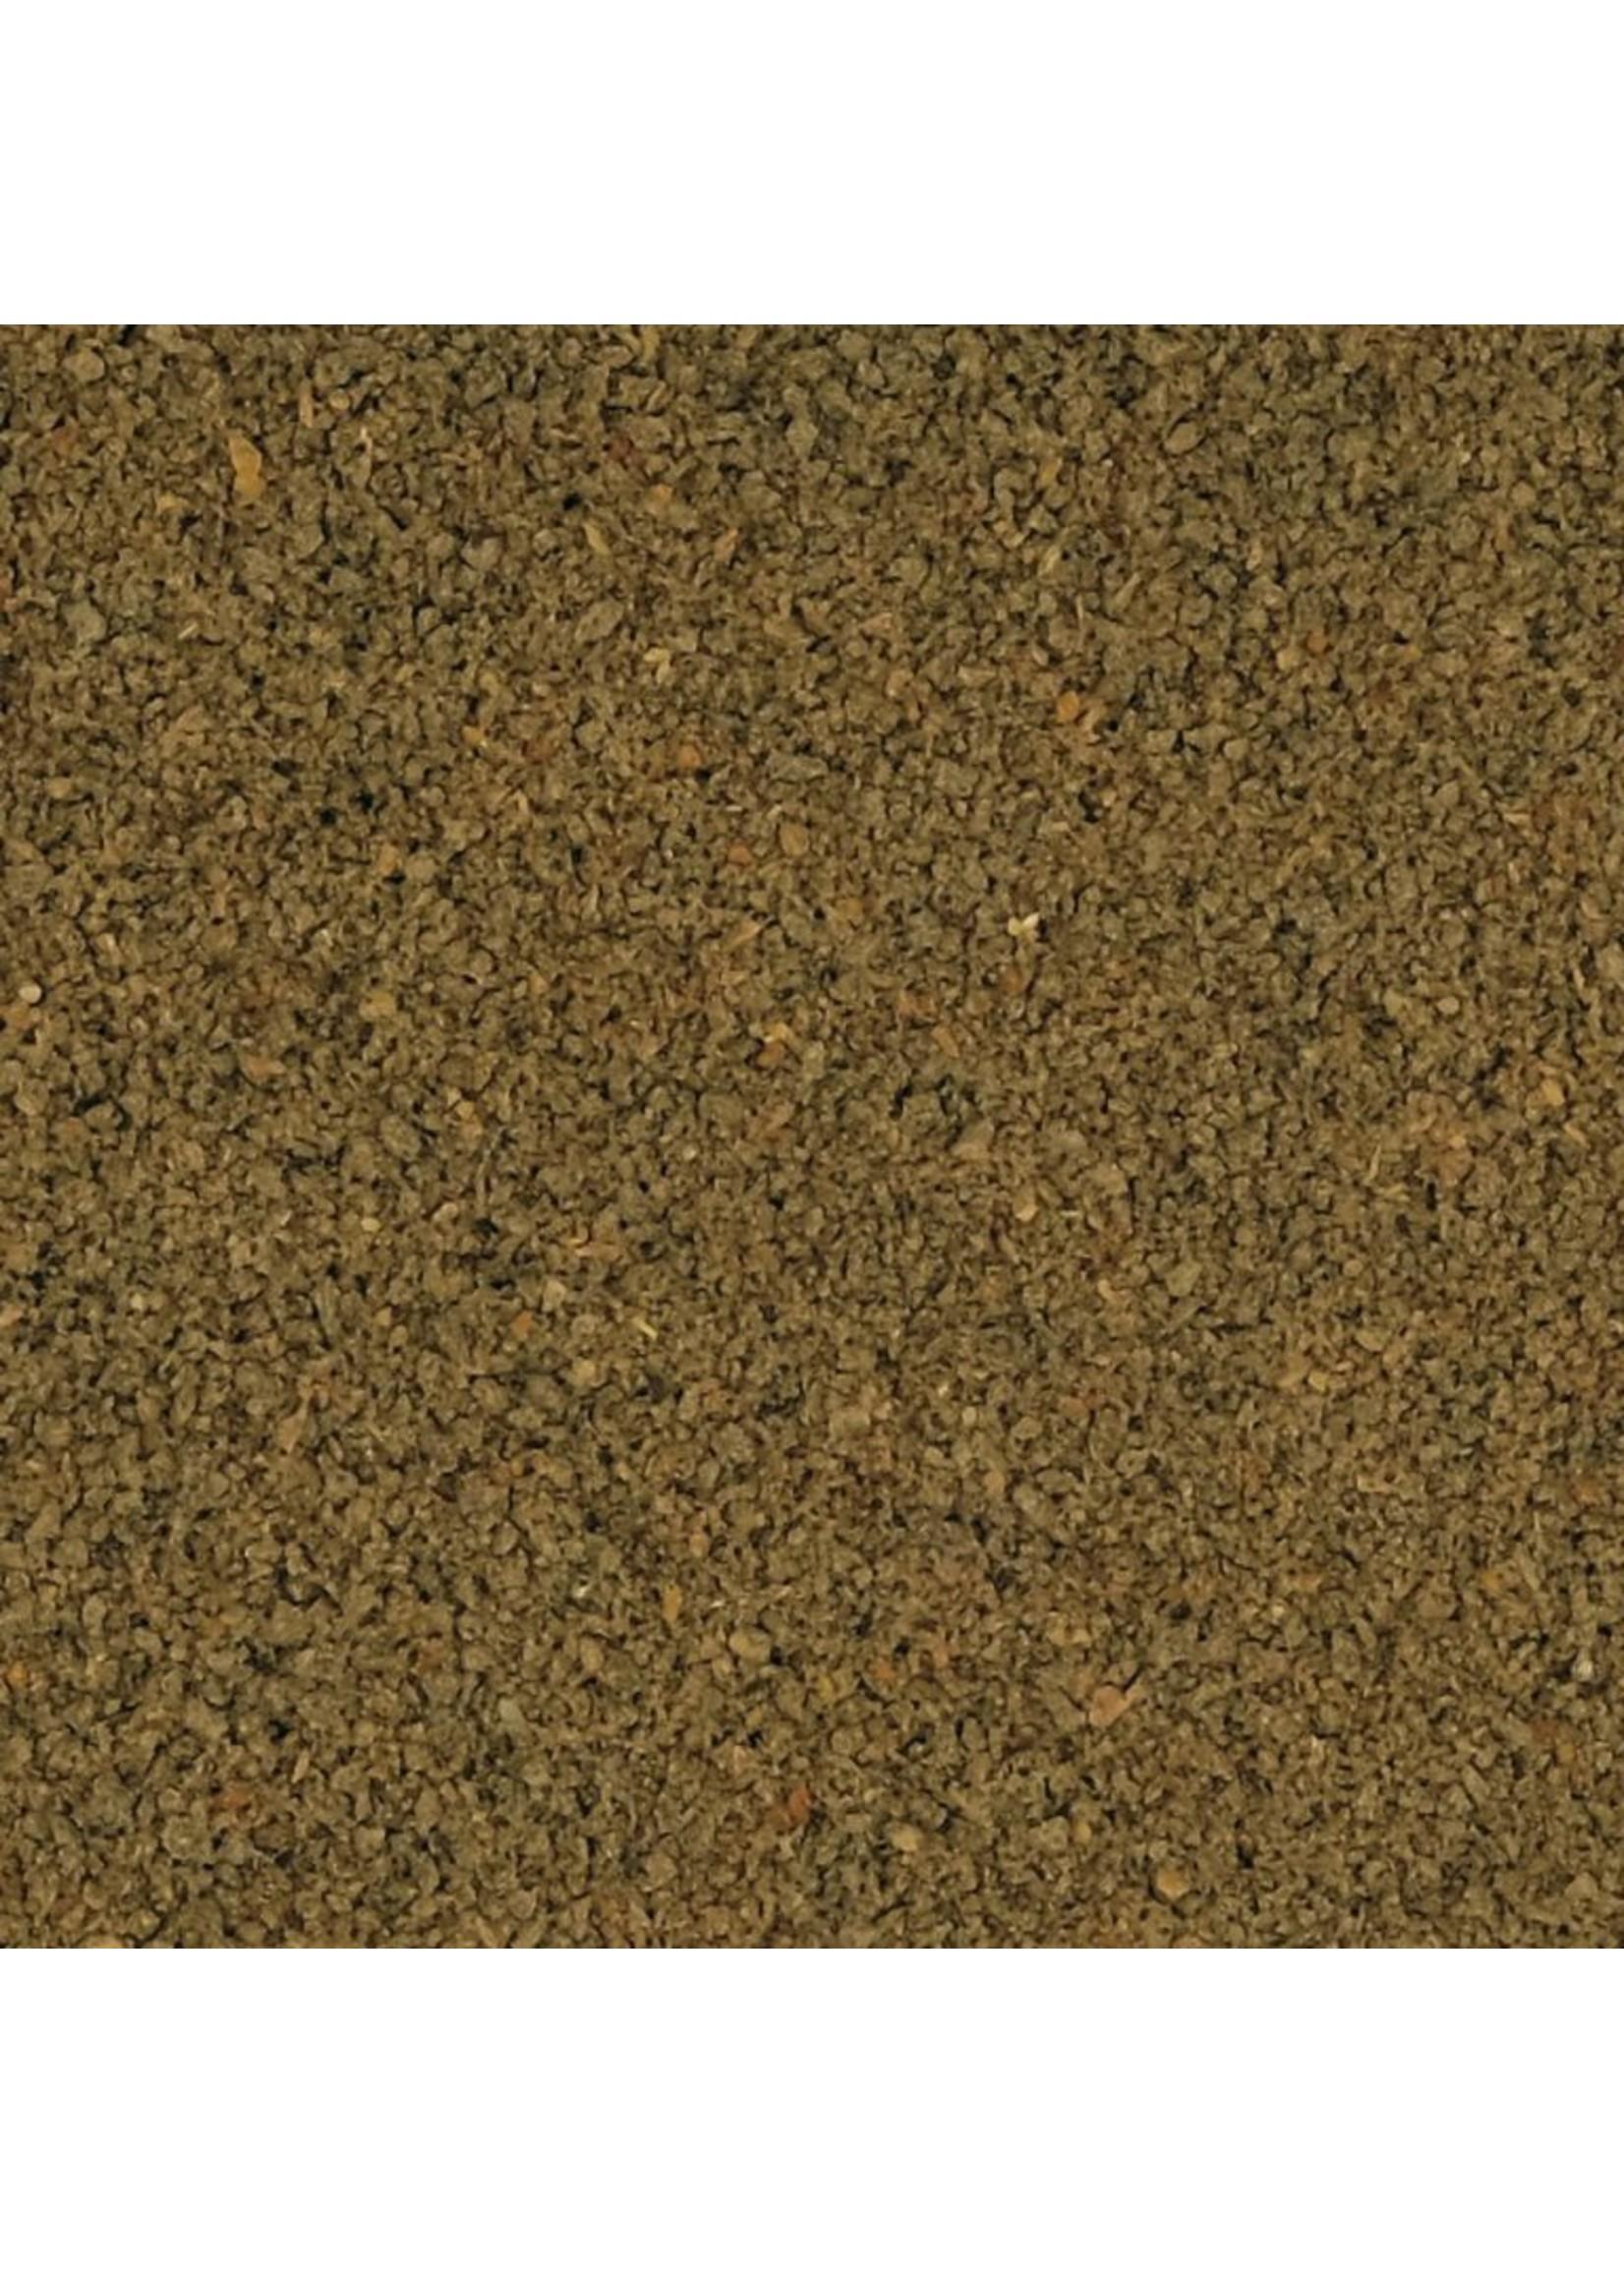 Fluval Fluval Bug Bites Betta Micro Granules 30g / 1.05oz